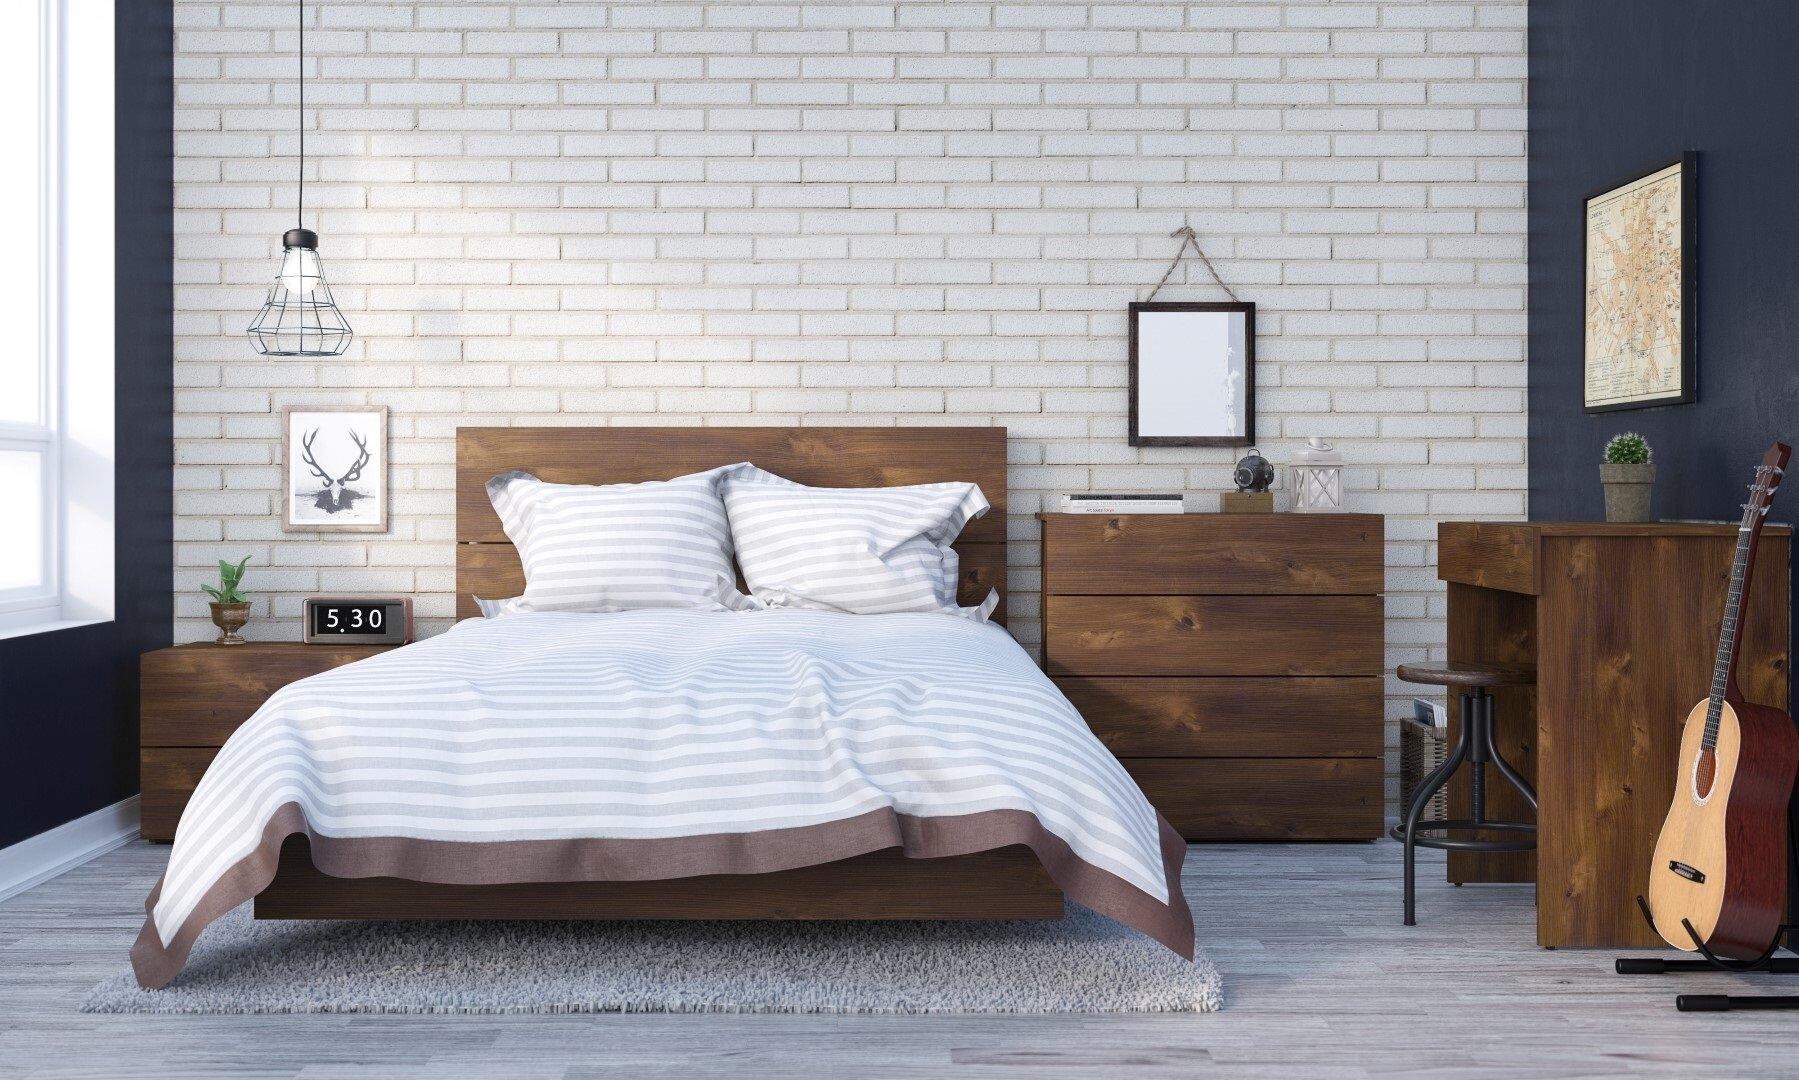 Union Rustic Kaylee Full Double Platform Bed Reviews Wayfair